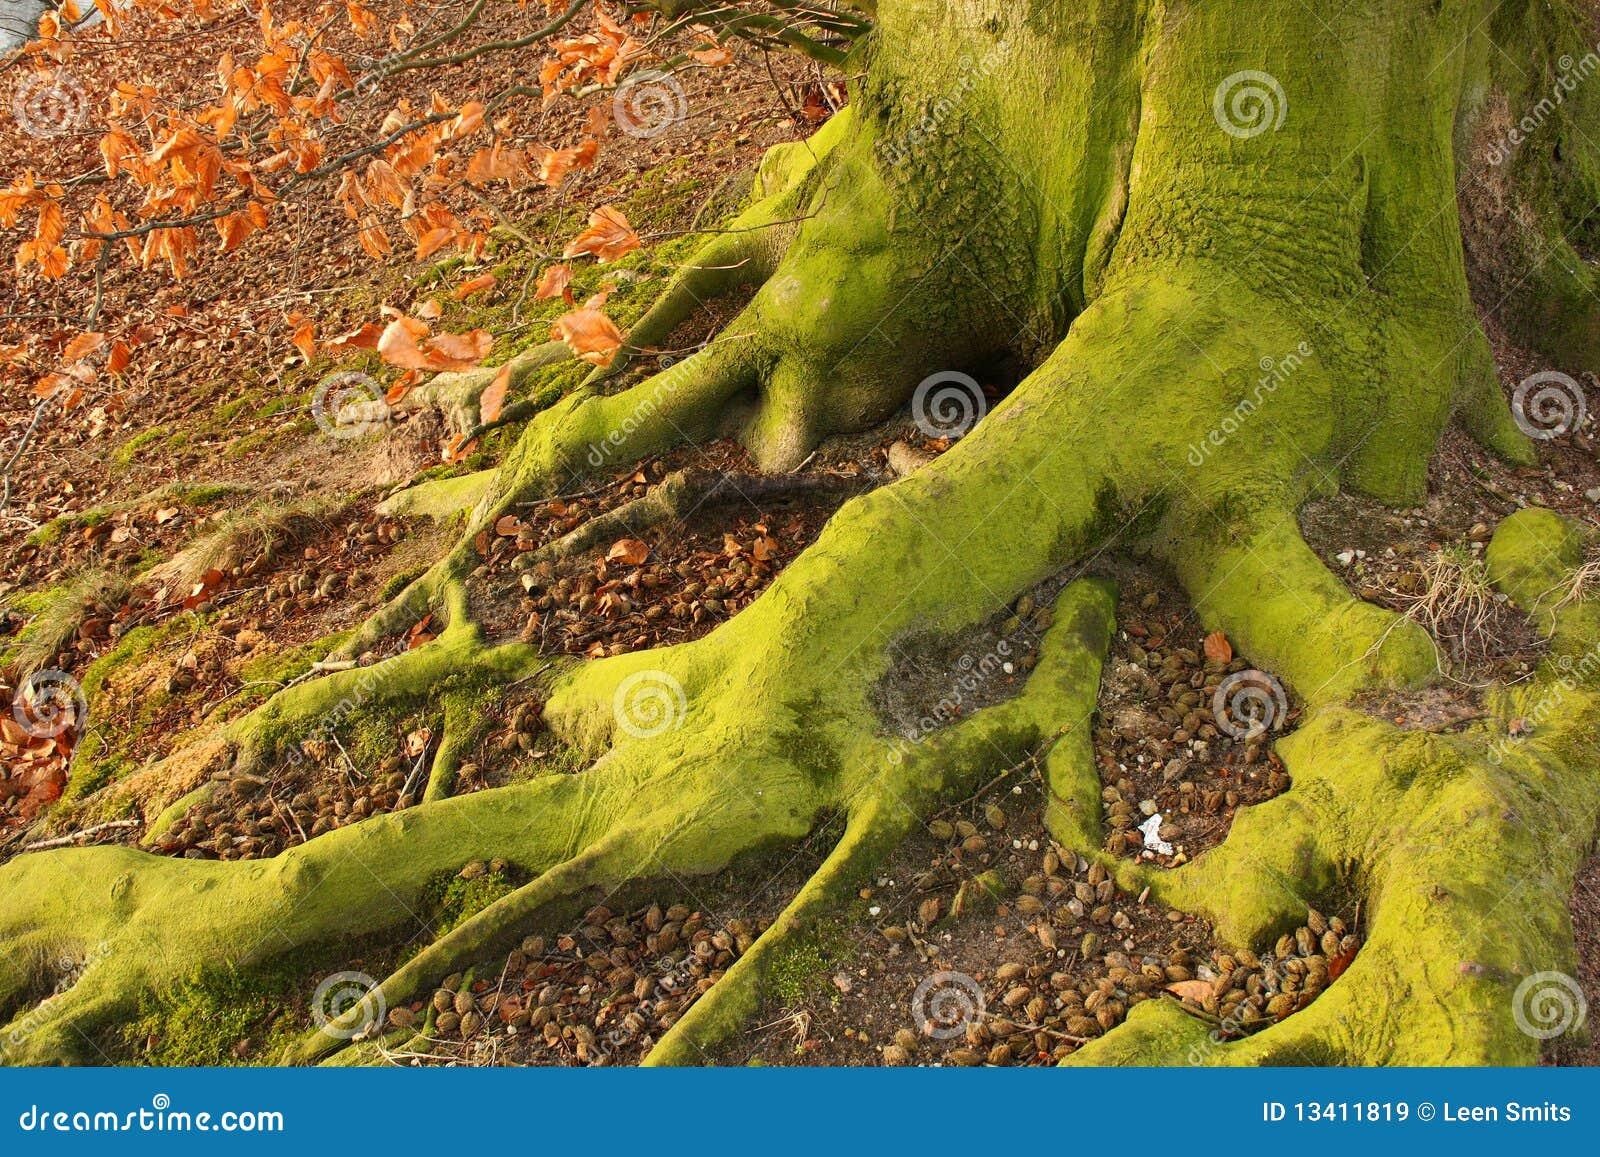 Green Feet